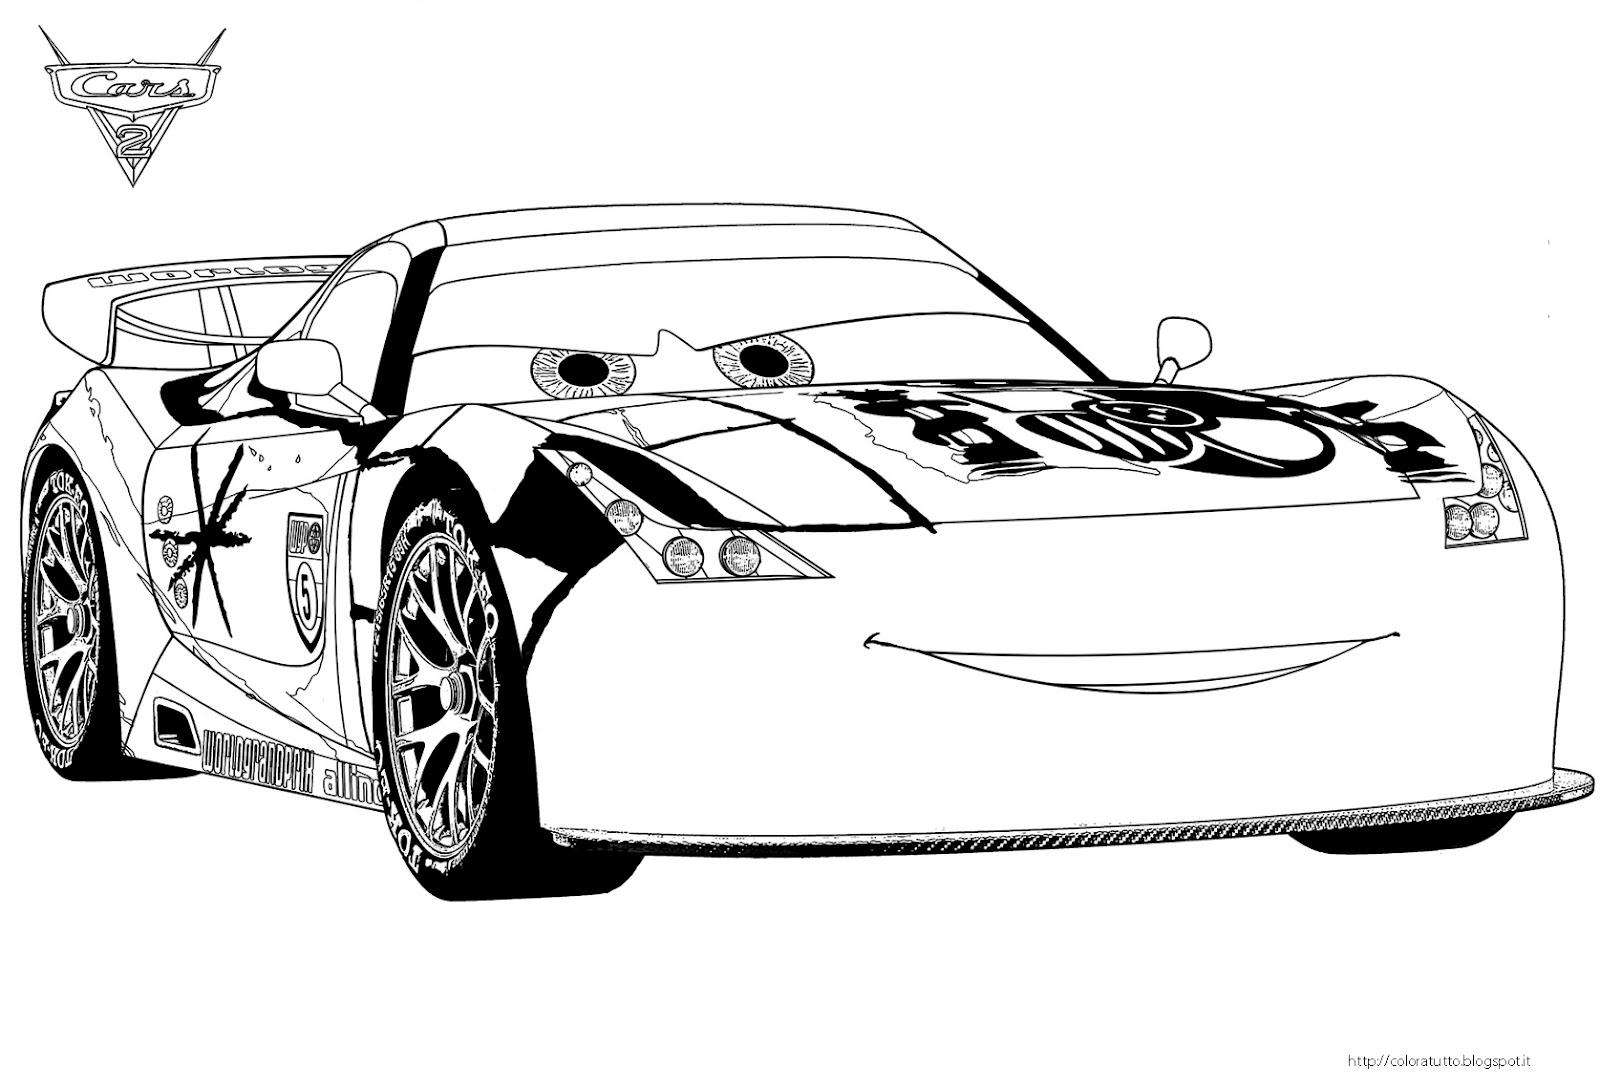 Cars 2 disegno da colorare n 7 for Disegno di cars 2 da colorare